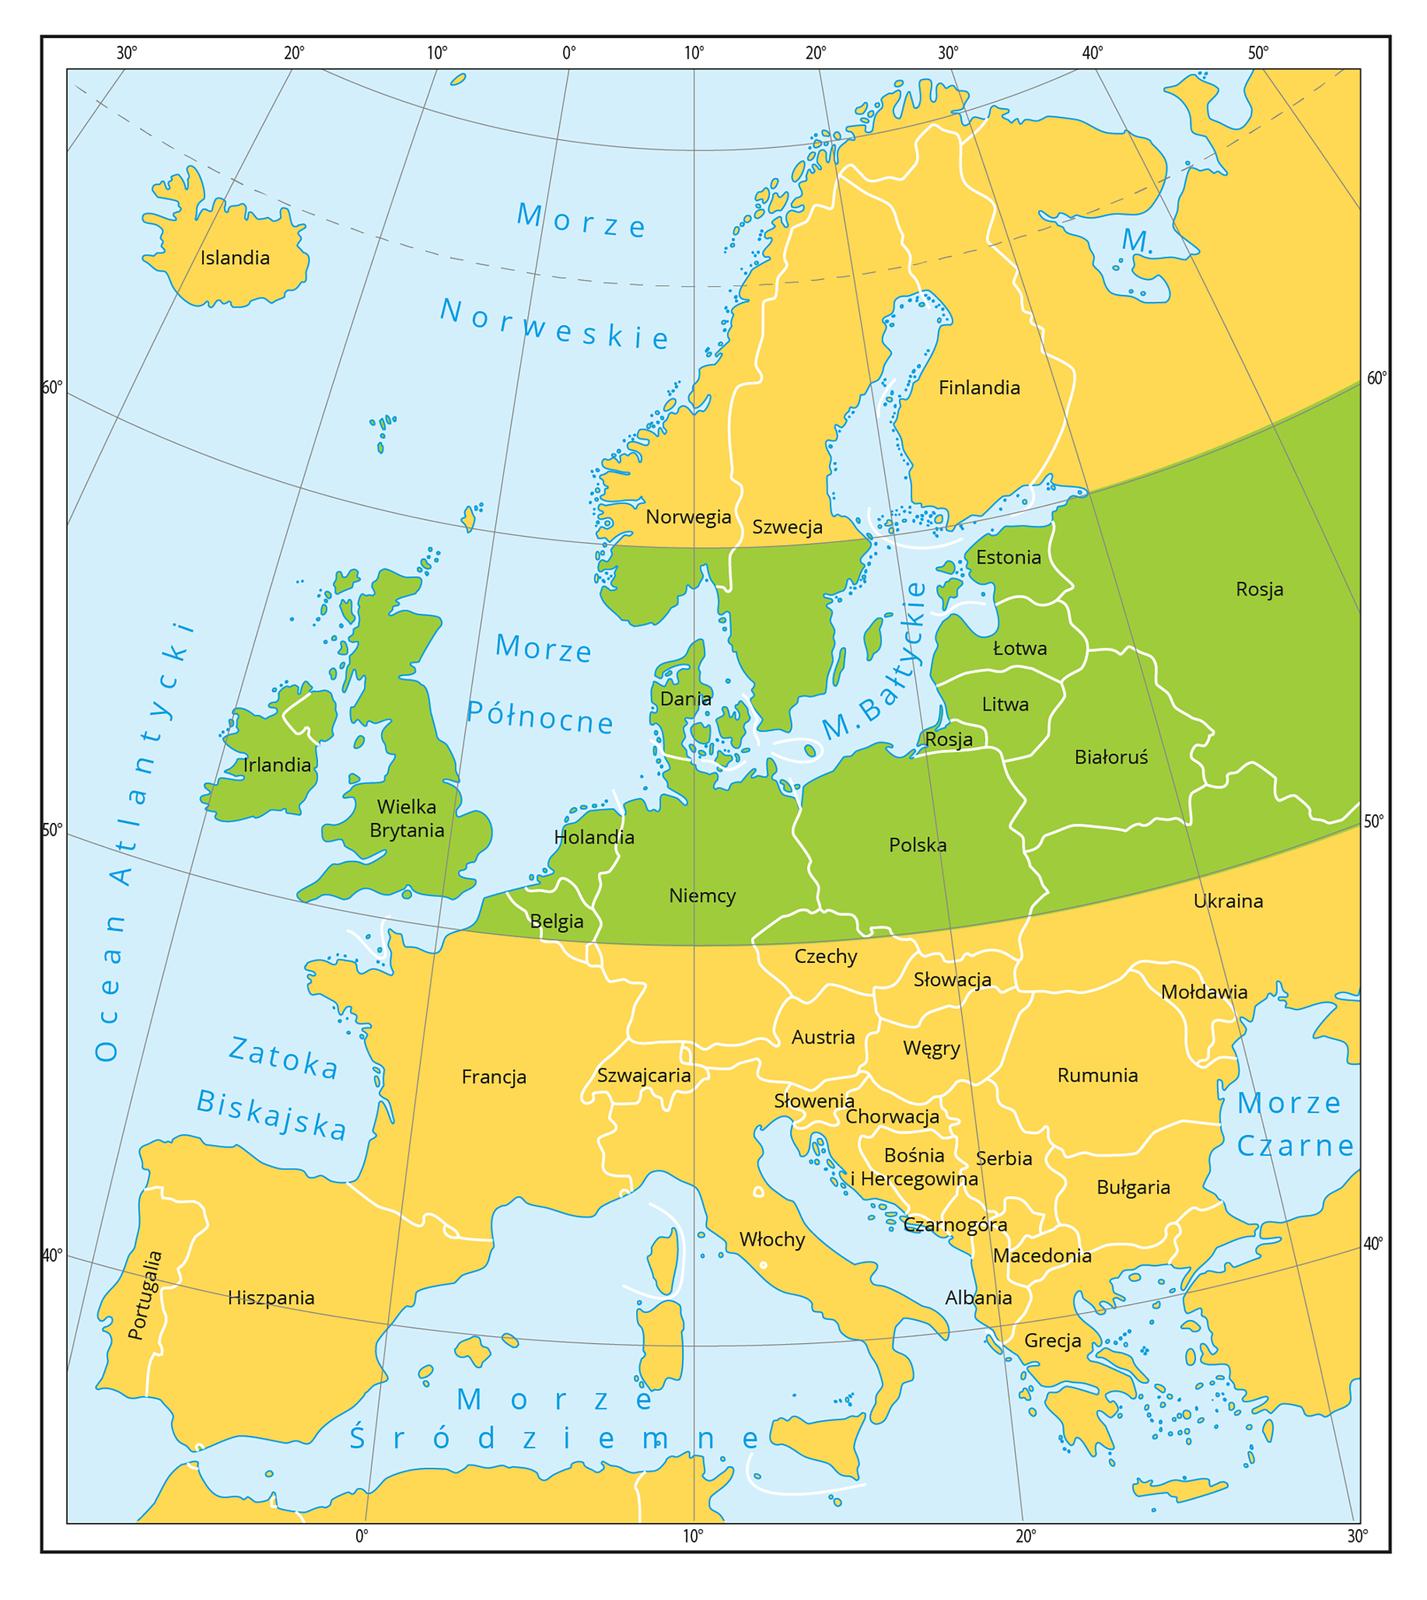 Ilustracja przedstawia mapę Europy wKolorzach: pomarańczowym izielonym. Zielony oznacza strefę korzystną do uprawy ziemniaka.